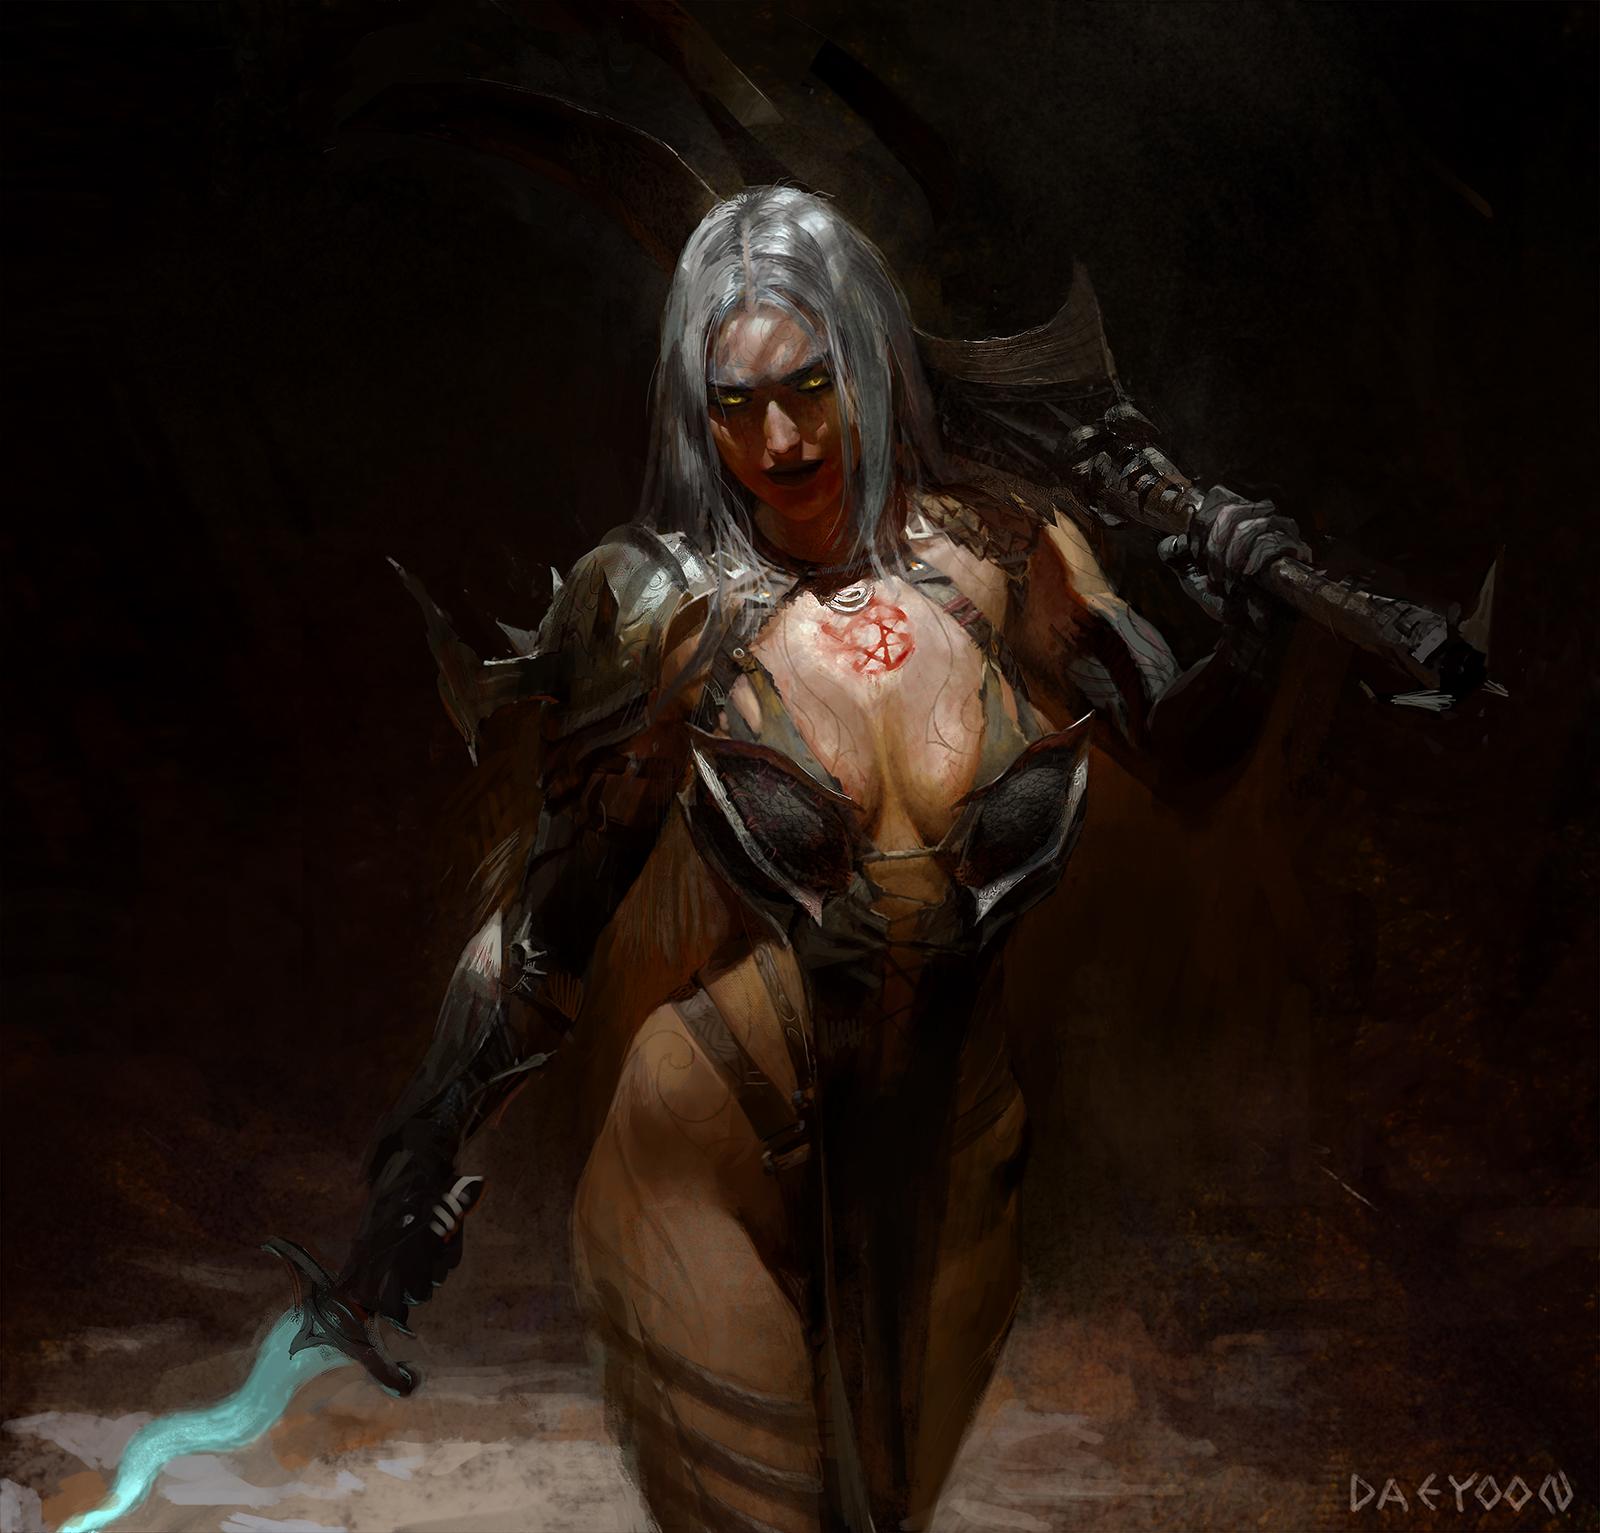 Countess Bathory by hdy9108